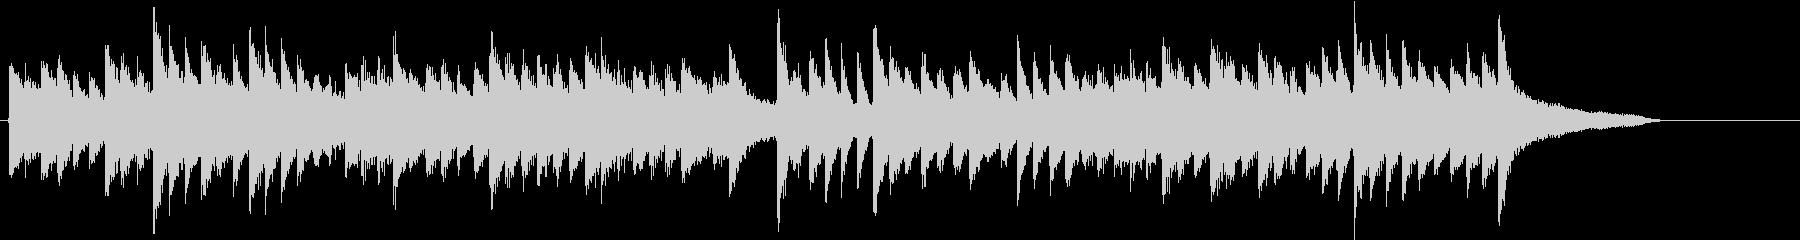 童謡・うれしいひなまつりピアノジングルFの未再生の波形